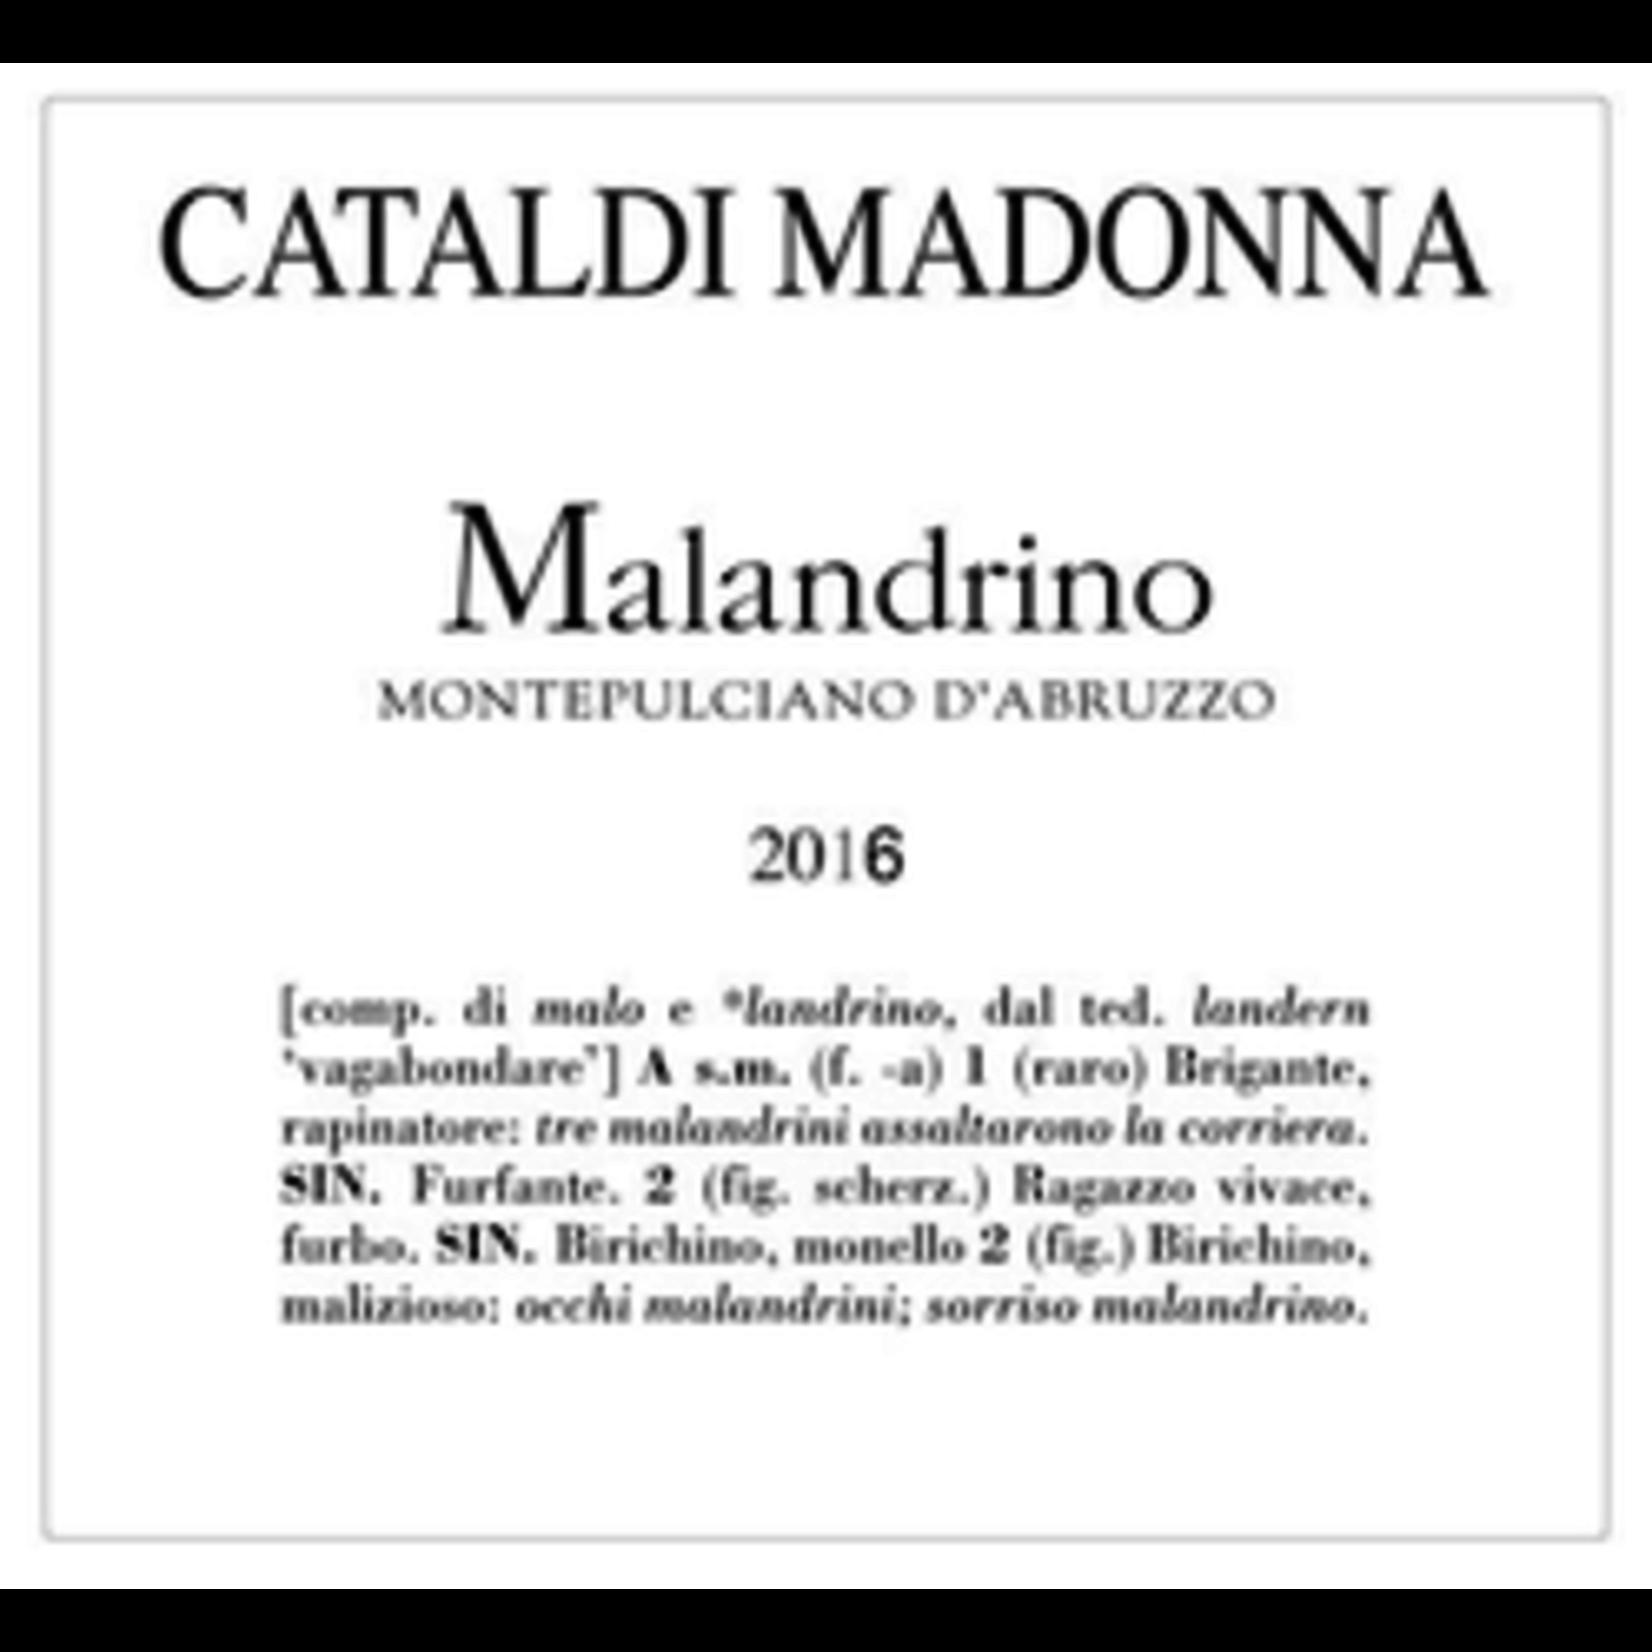 Wine Cataldi Madonna Montepulciano d'Abruzzo Malandrino 2018